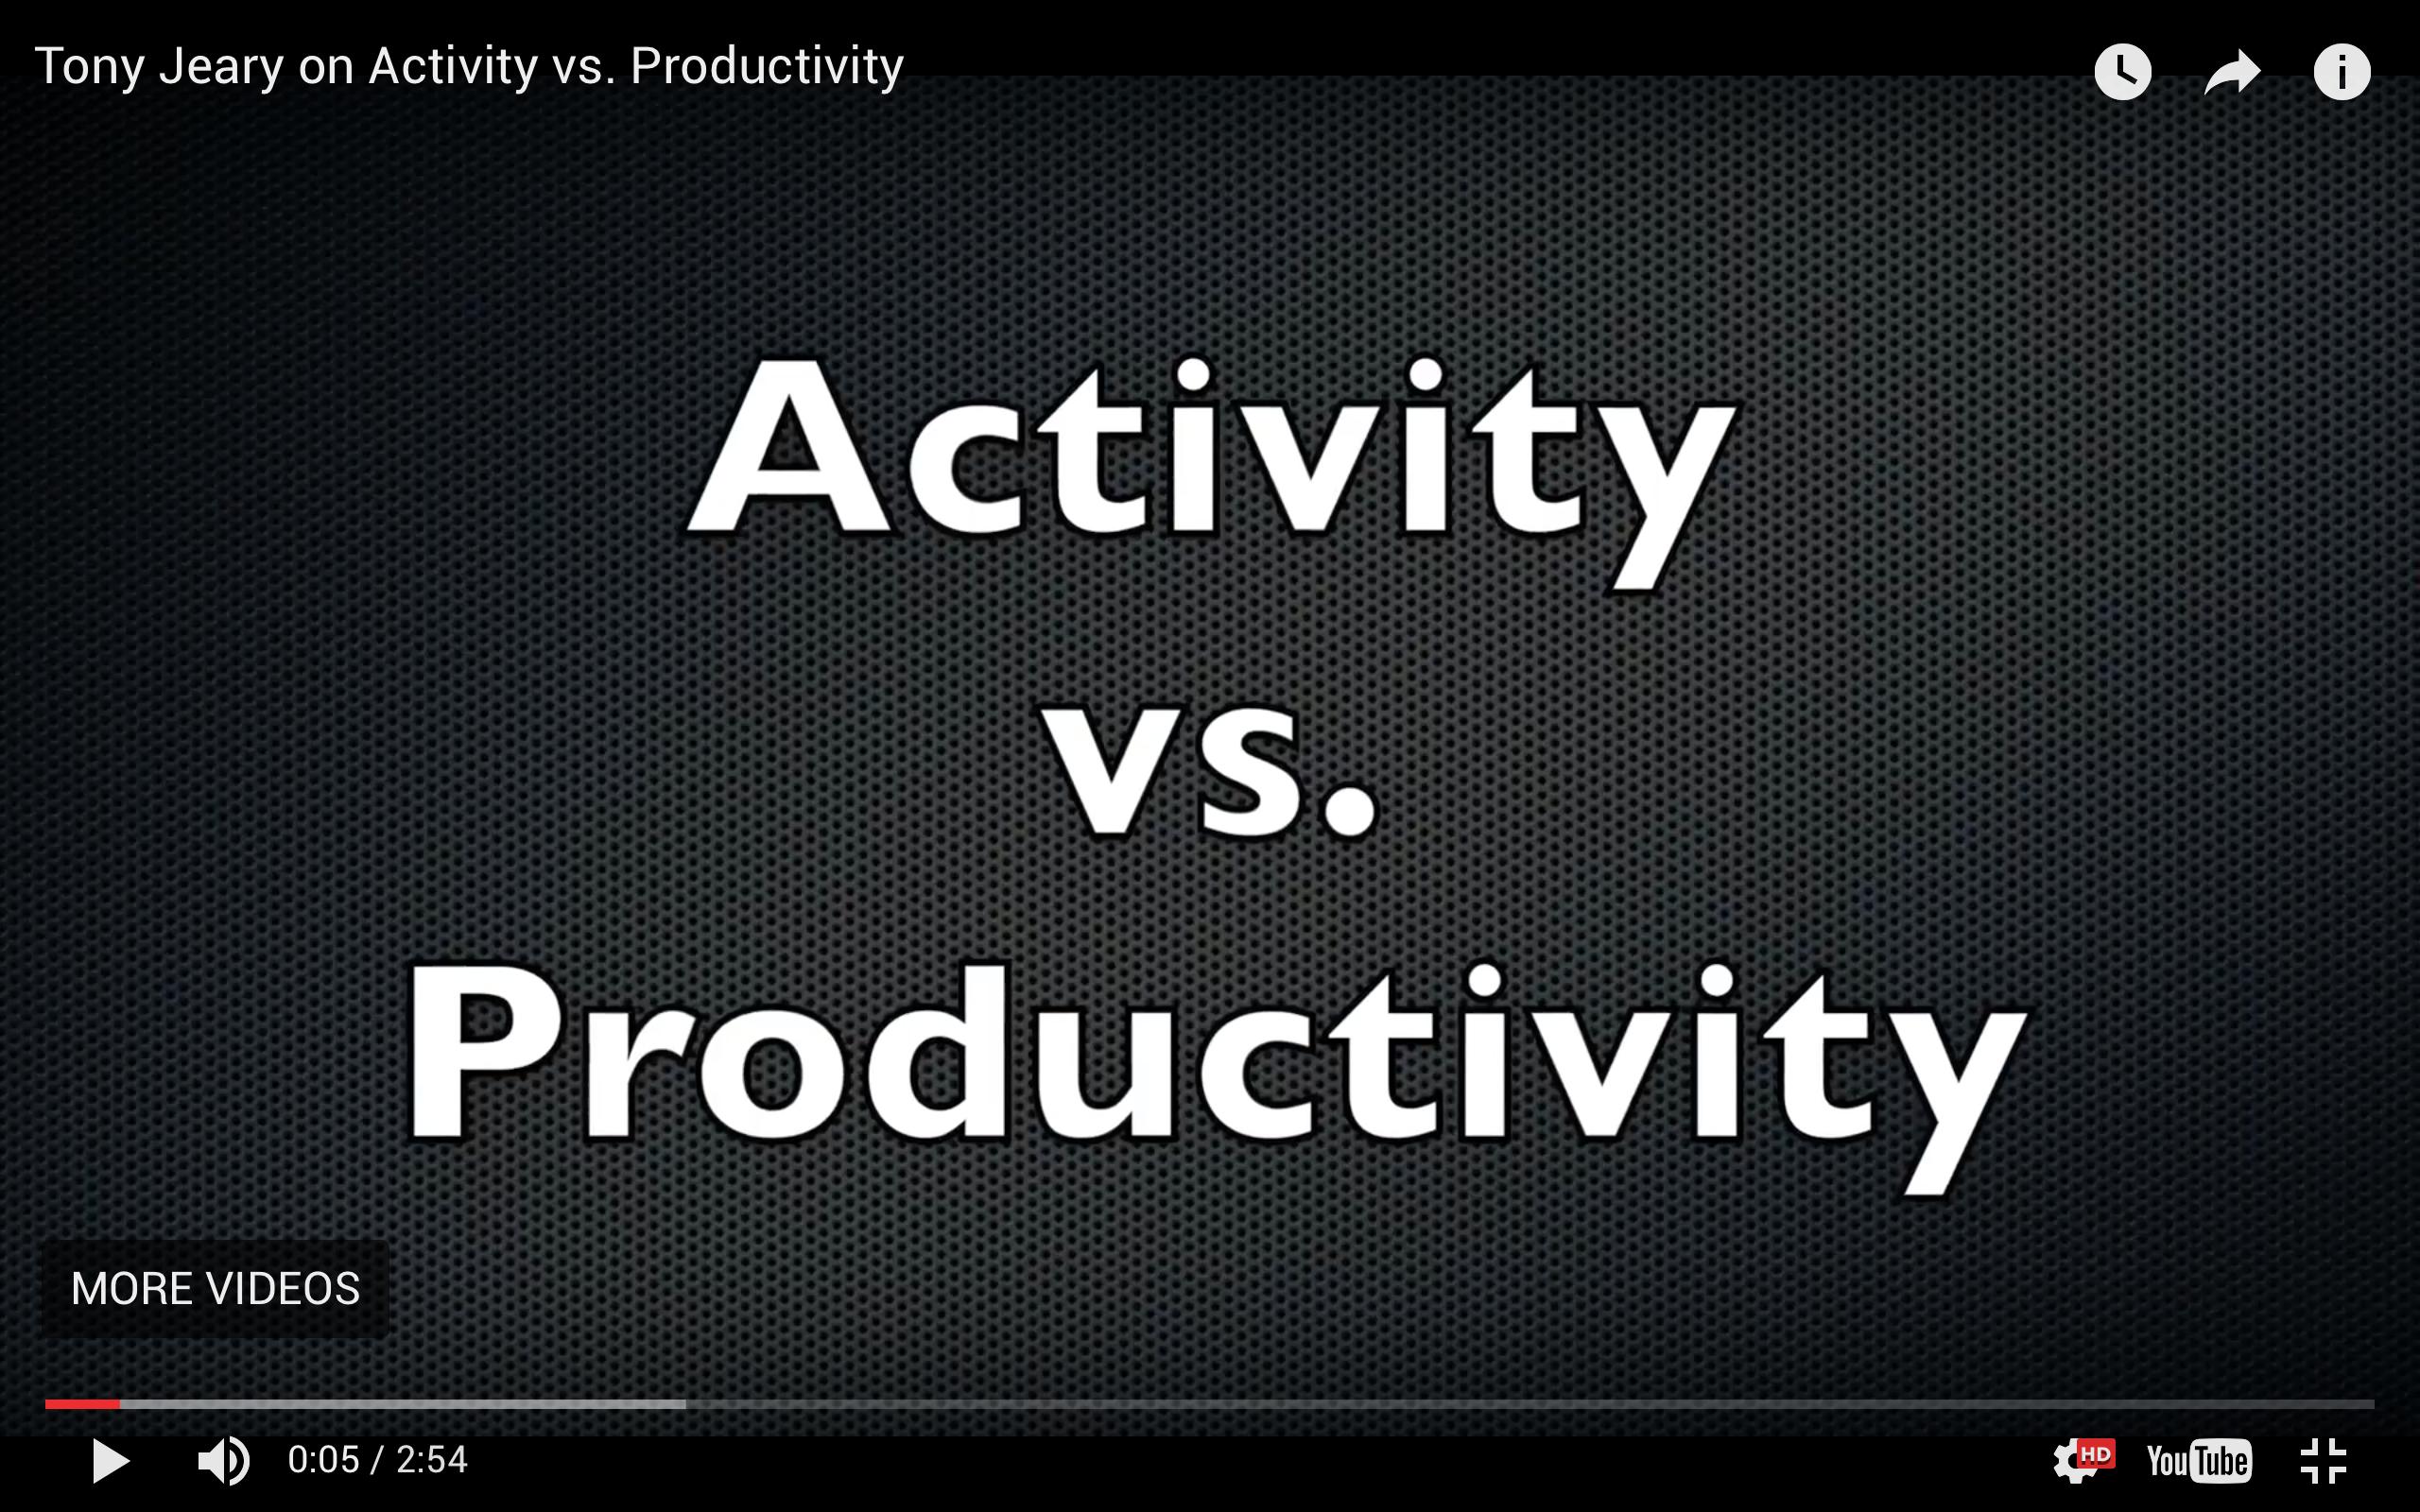 Activity vs. Productivity